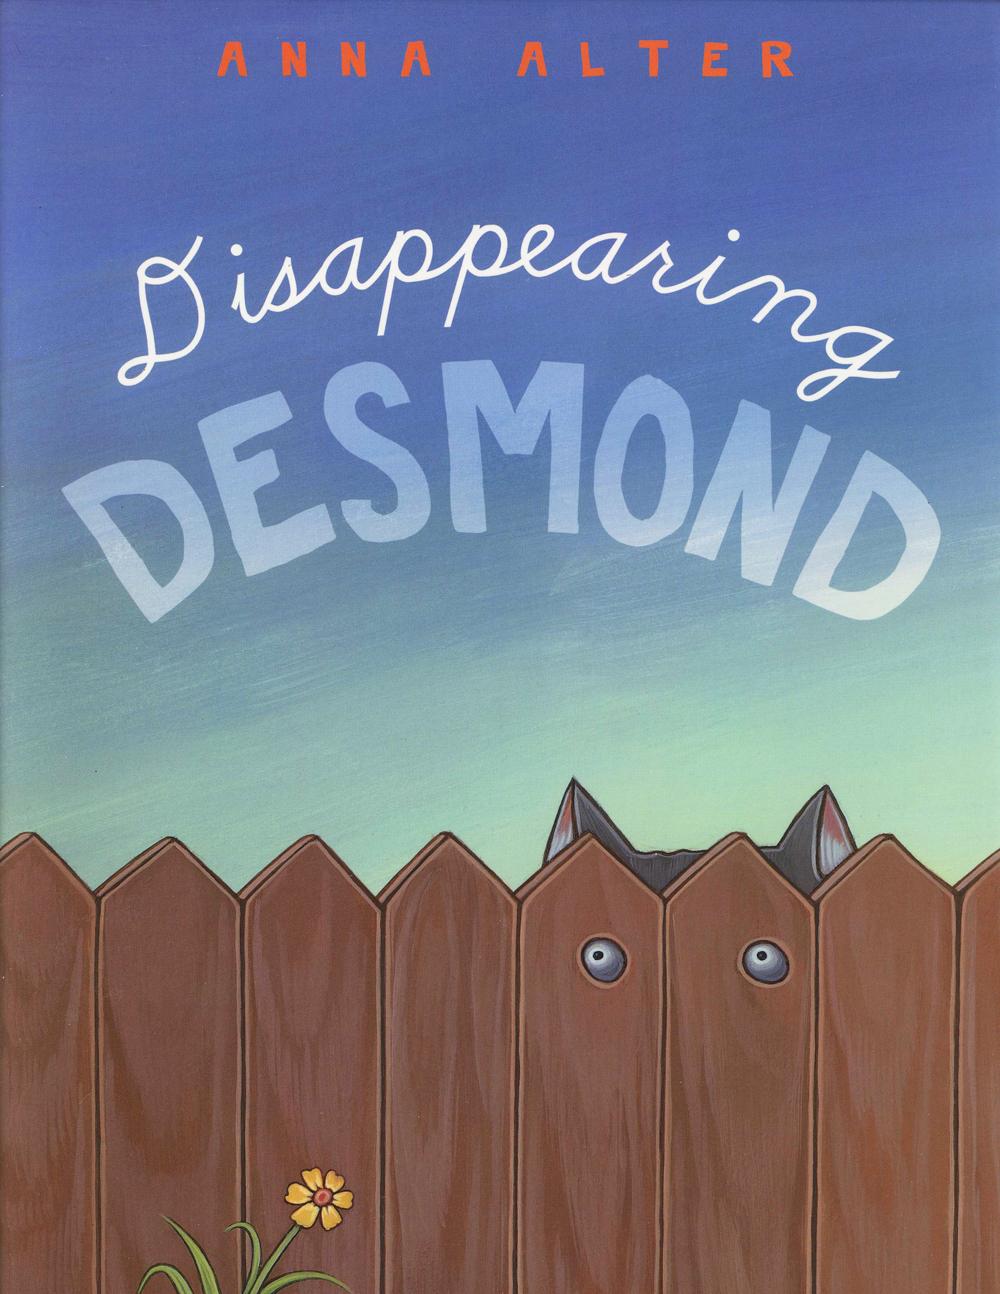 Press-Desmond-jacket.jpg